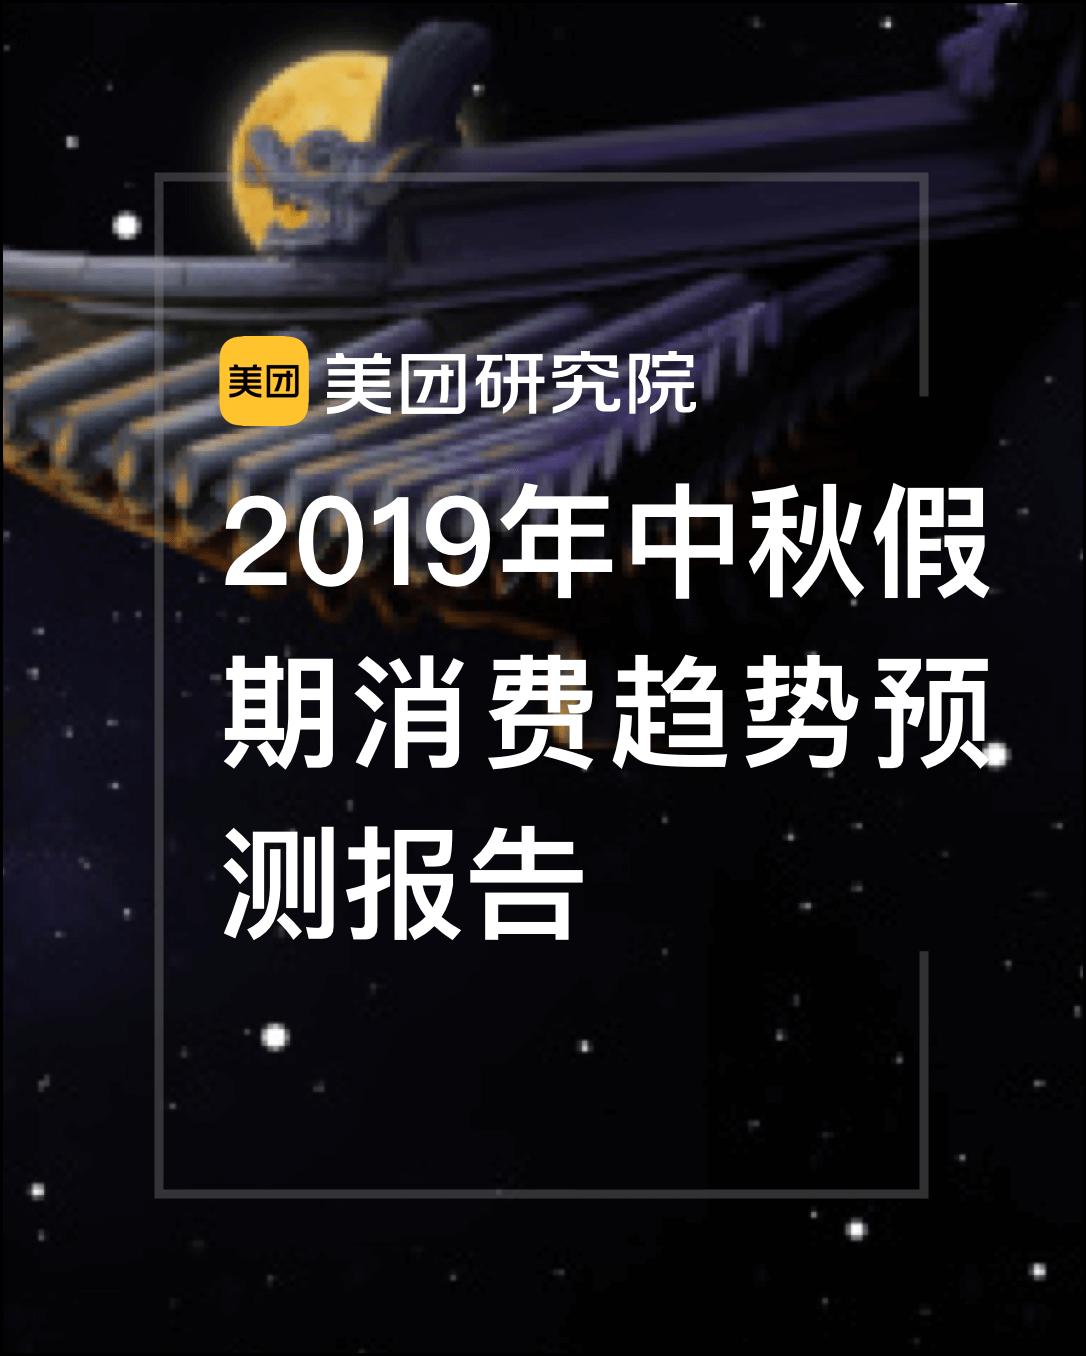 2019年中秋假期消费趋势预测报告